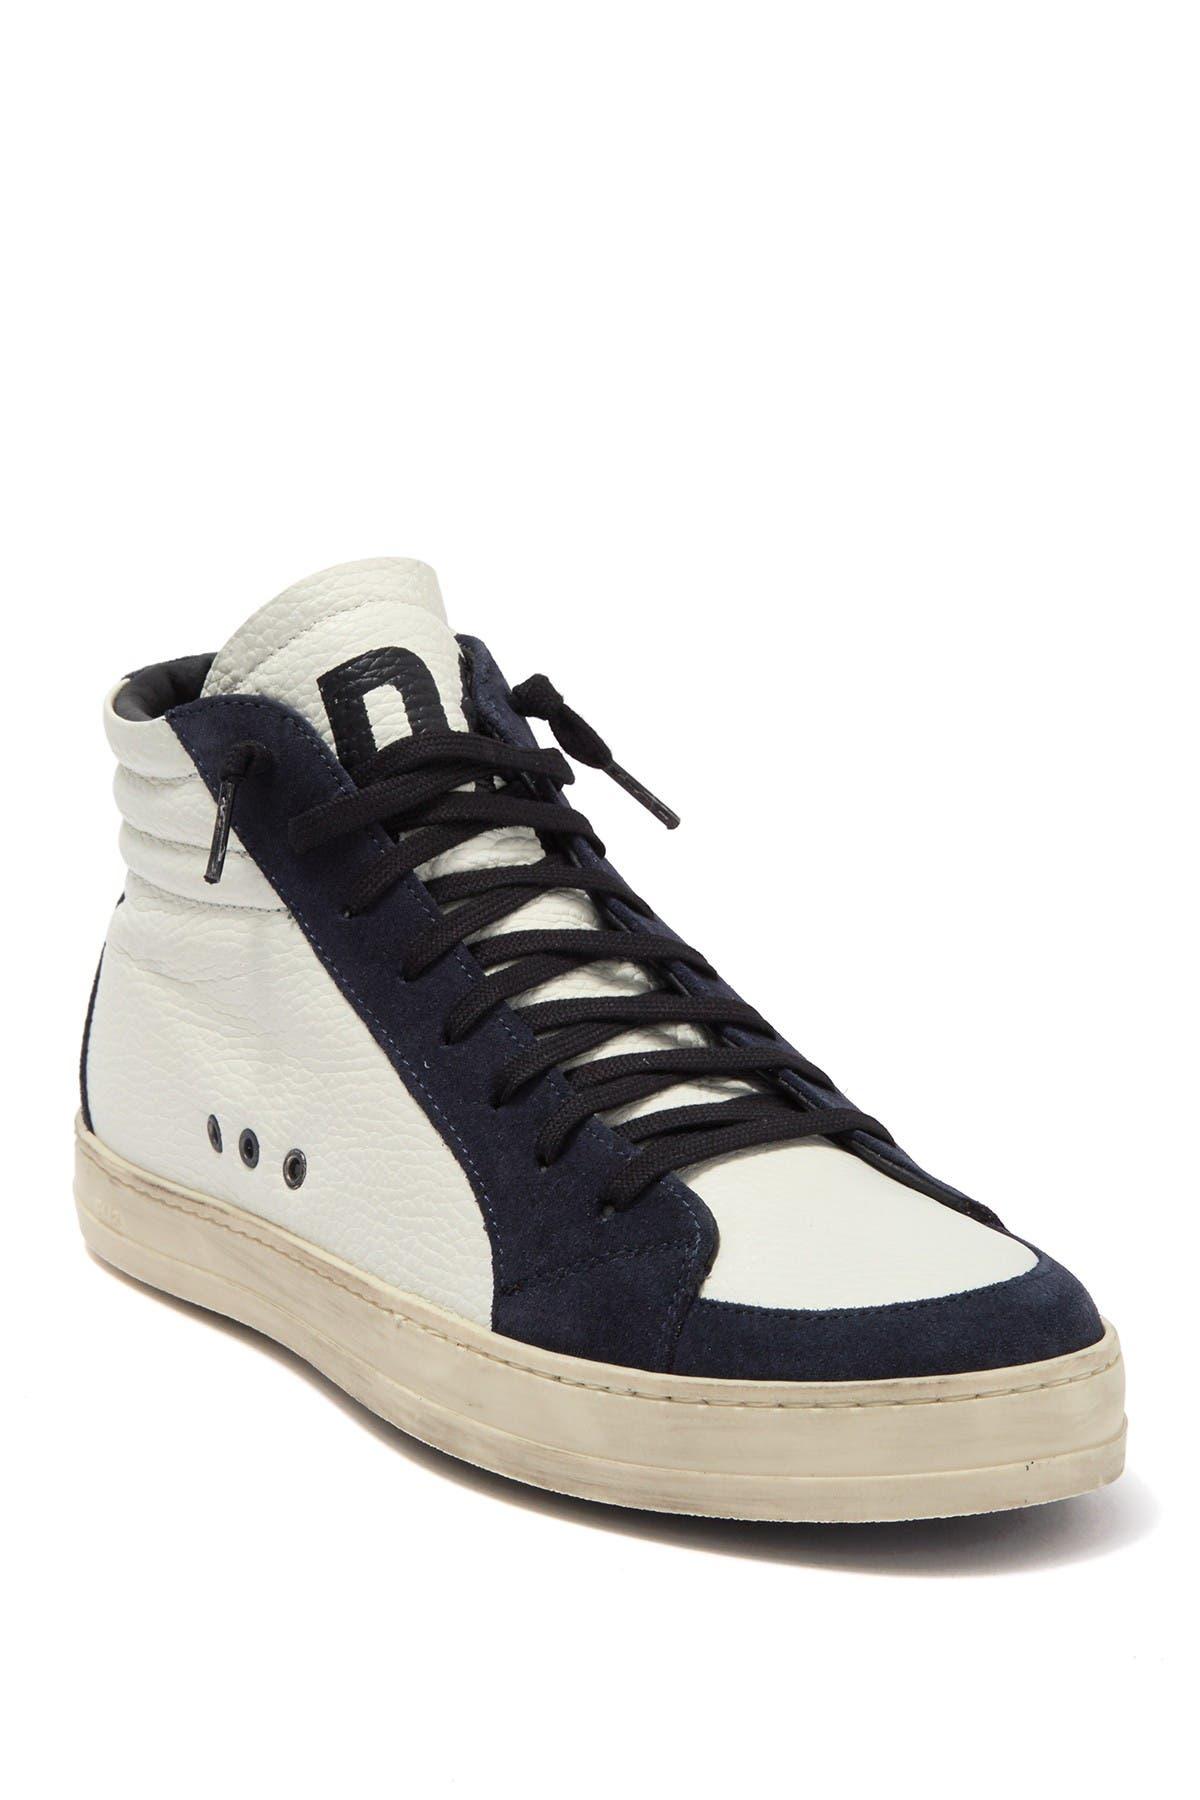 P448   S20 Skate Hi Top Sneaker